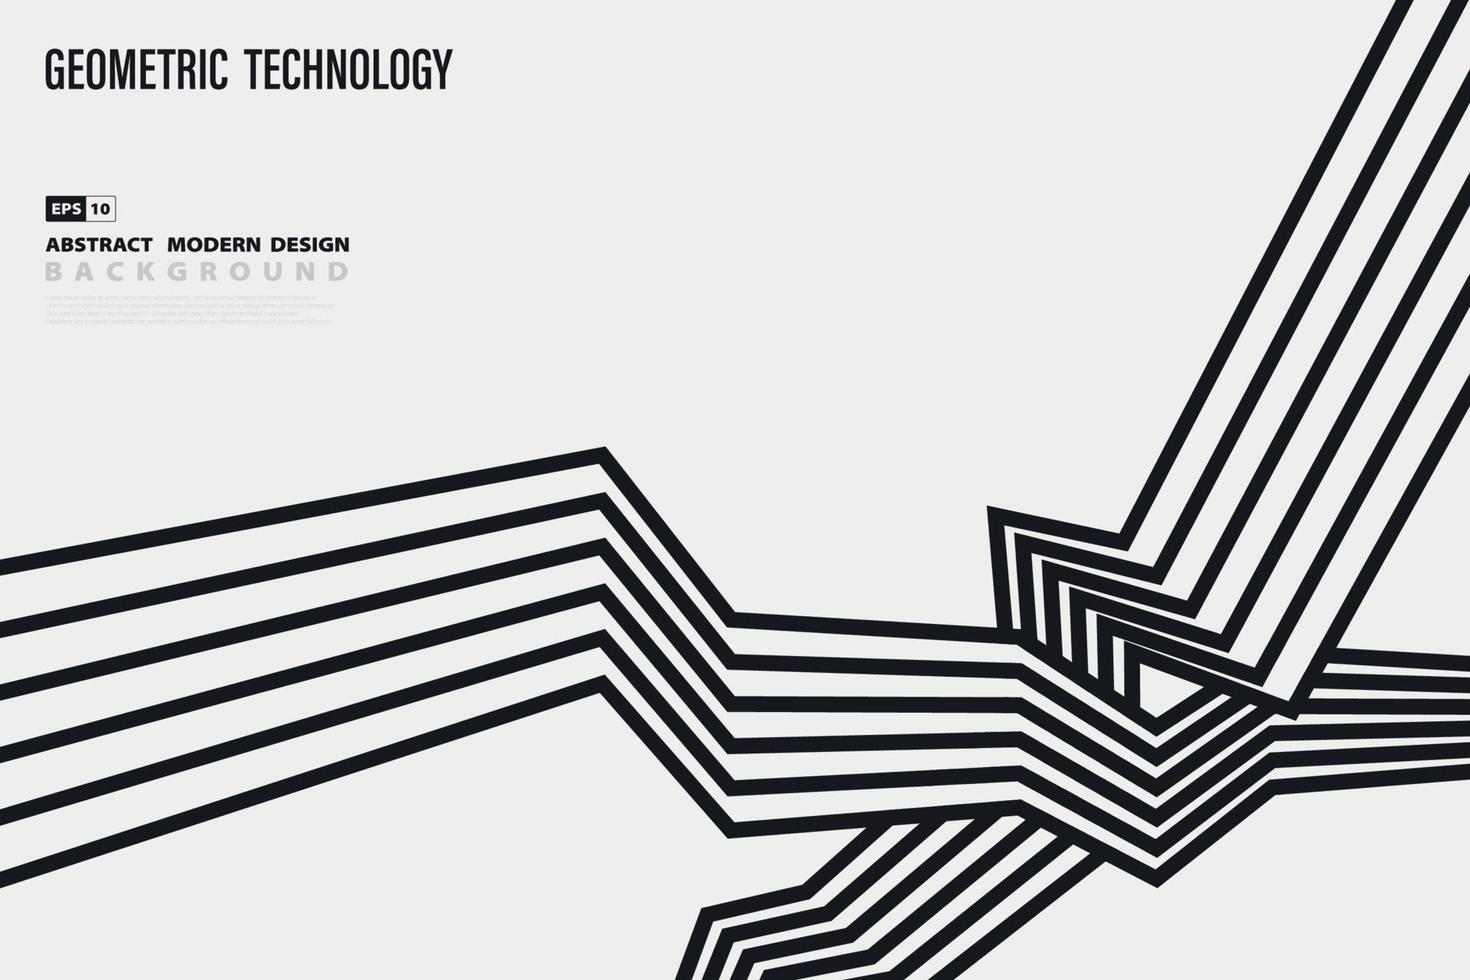 abstracte zwart-wit patroon lijn ontwerp beweging decoratie achtergrond. illustratie vector